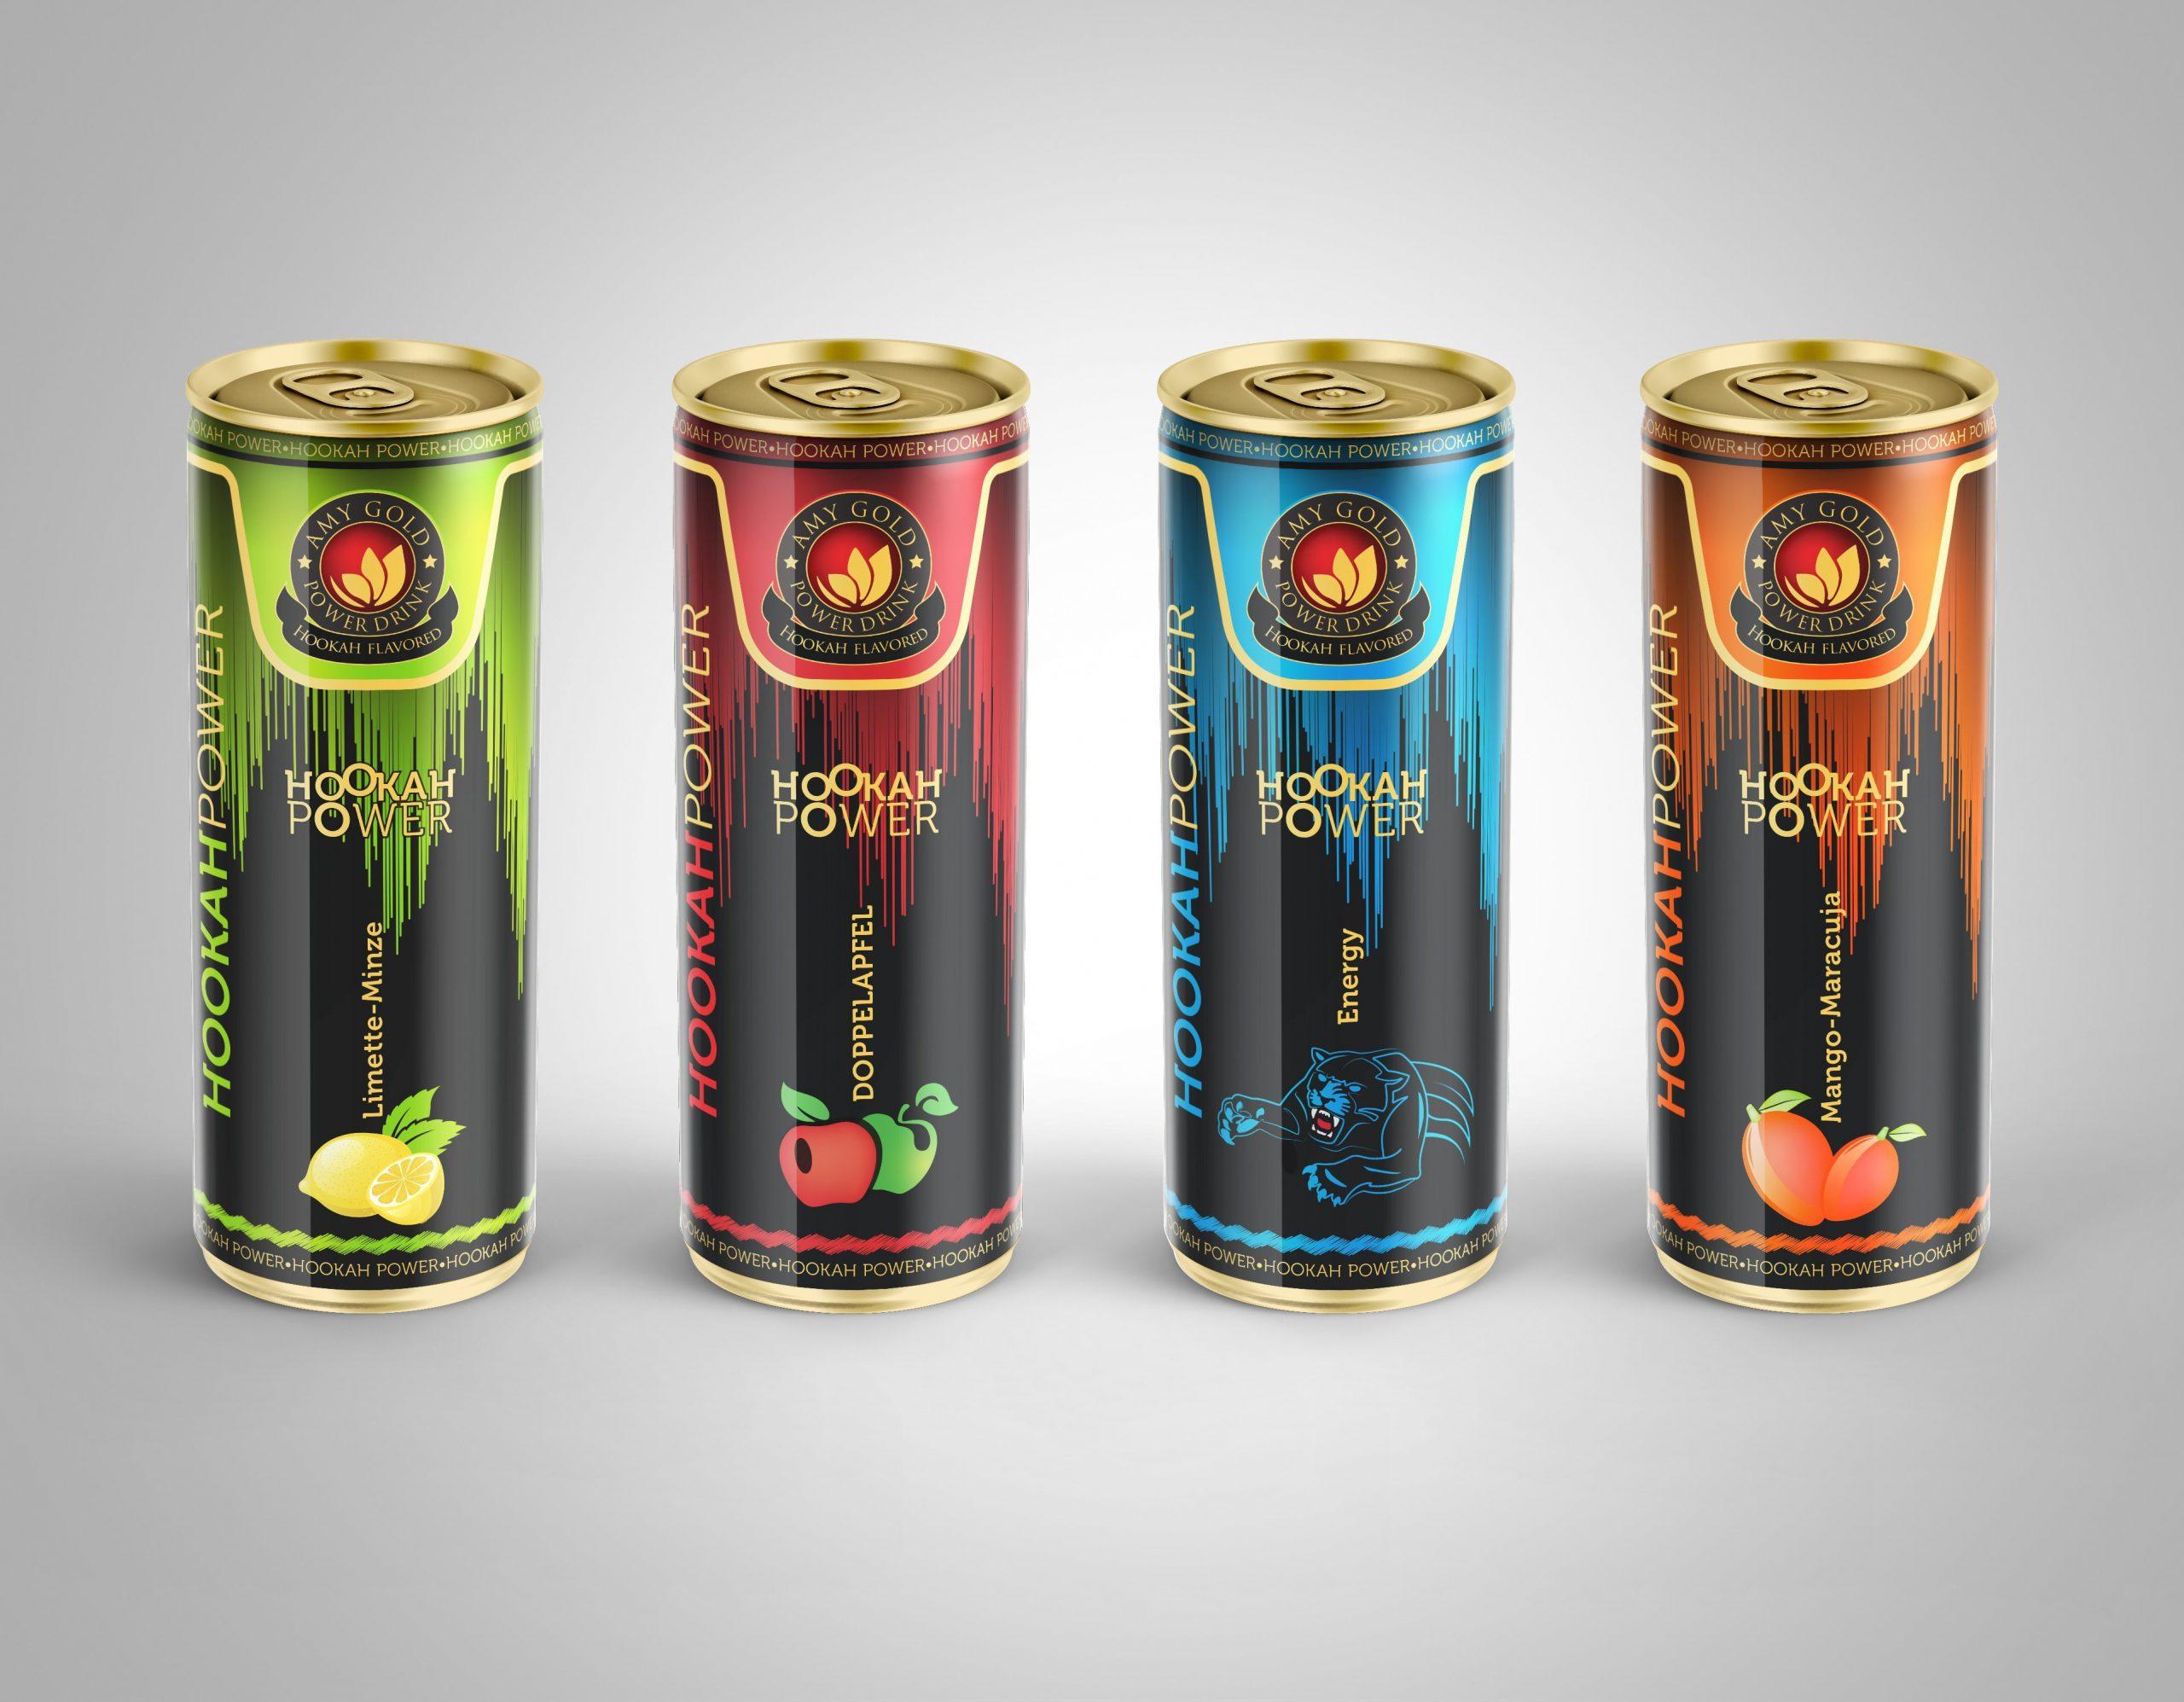 AMY GOLD – HOOKAH POWER DRINK